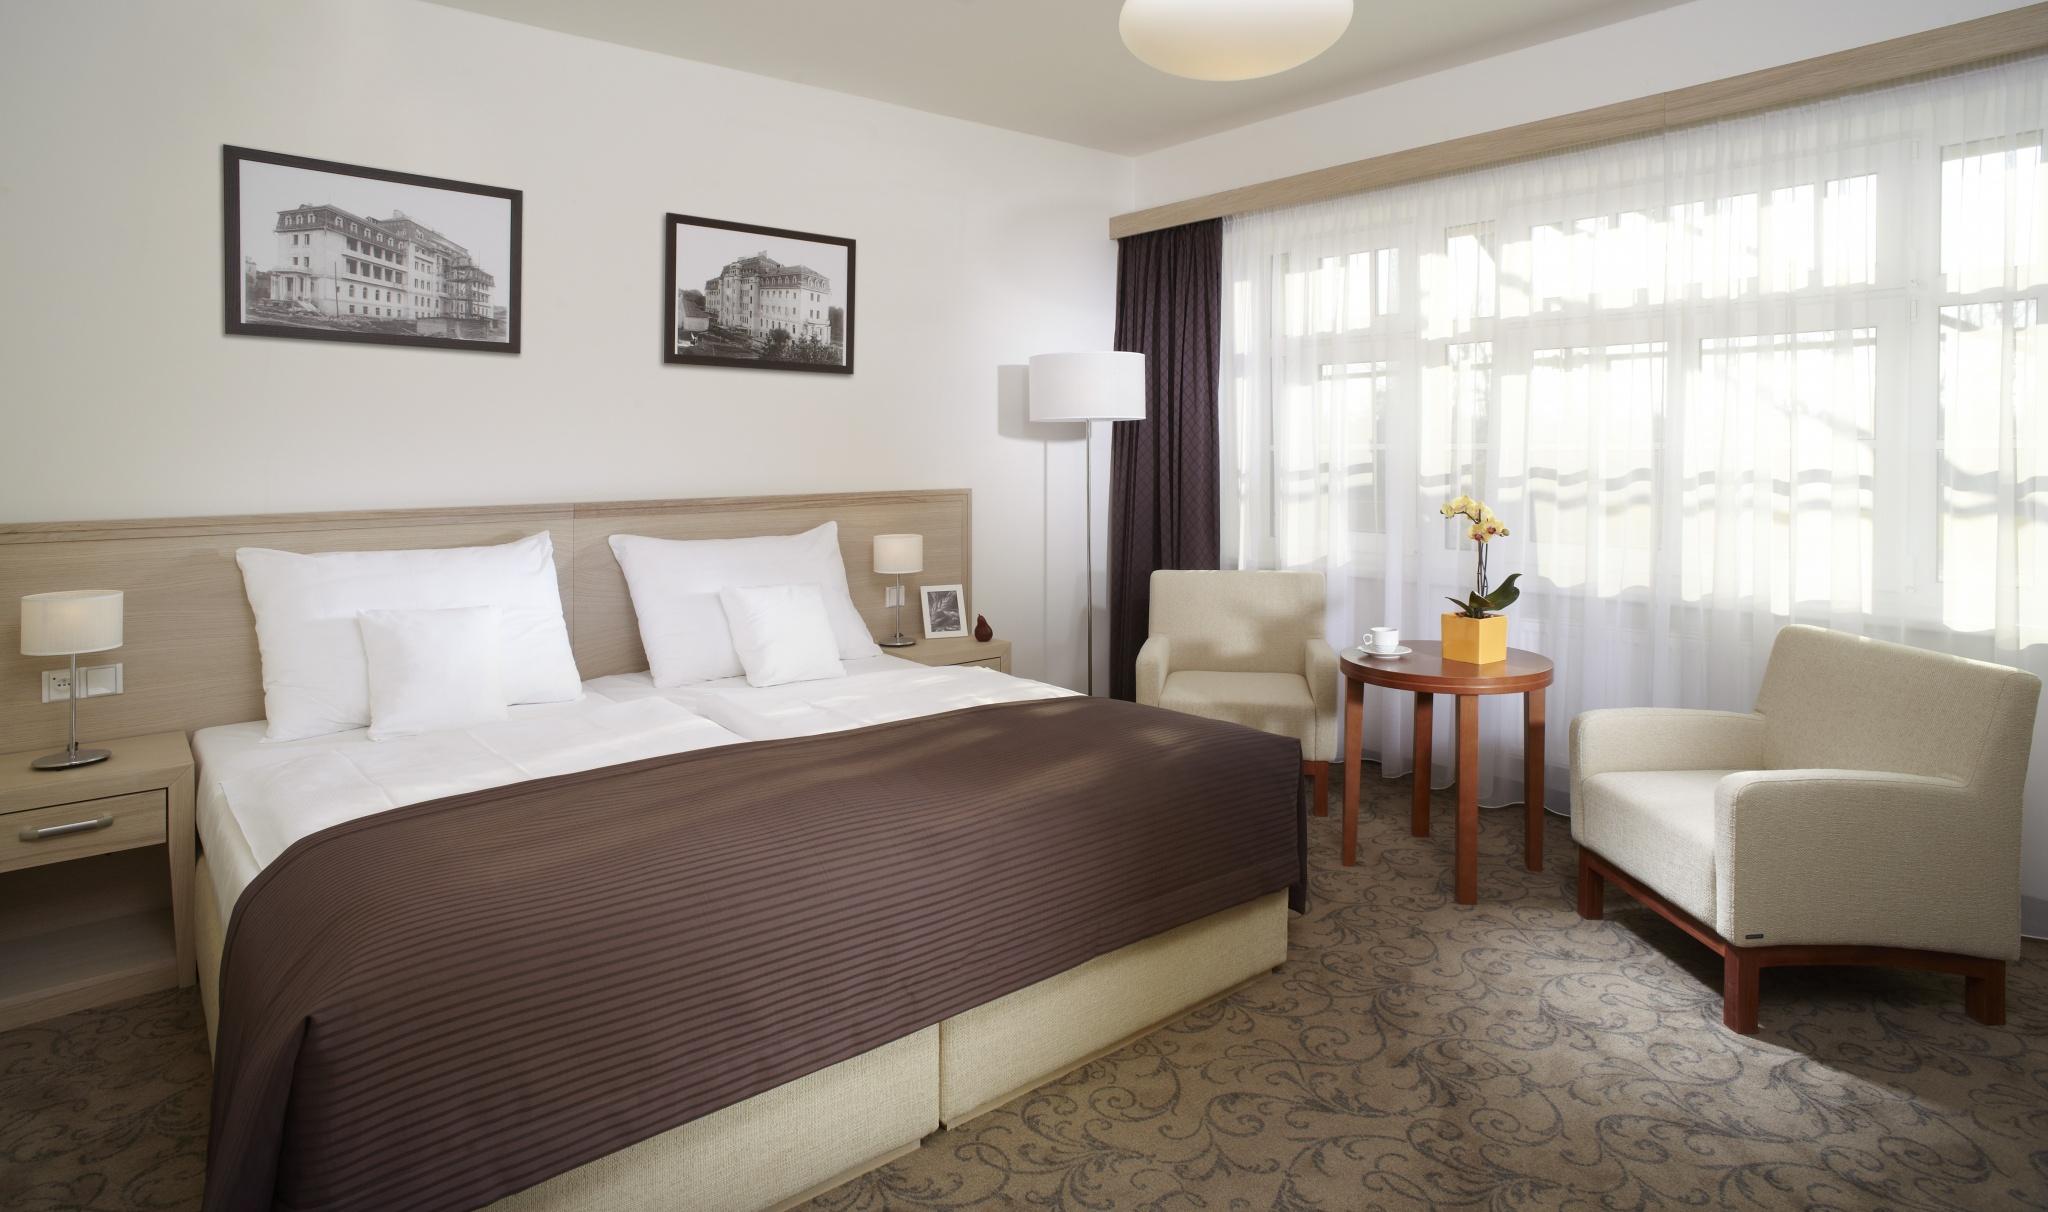 Hotelu Harvey Spa & Kur Františkovy Lázně 3